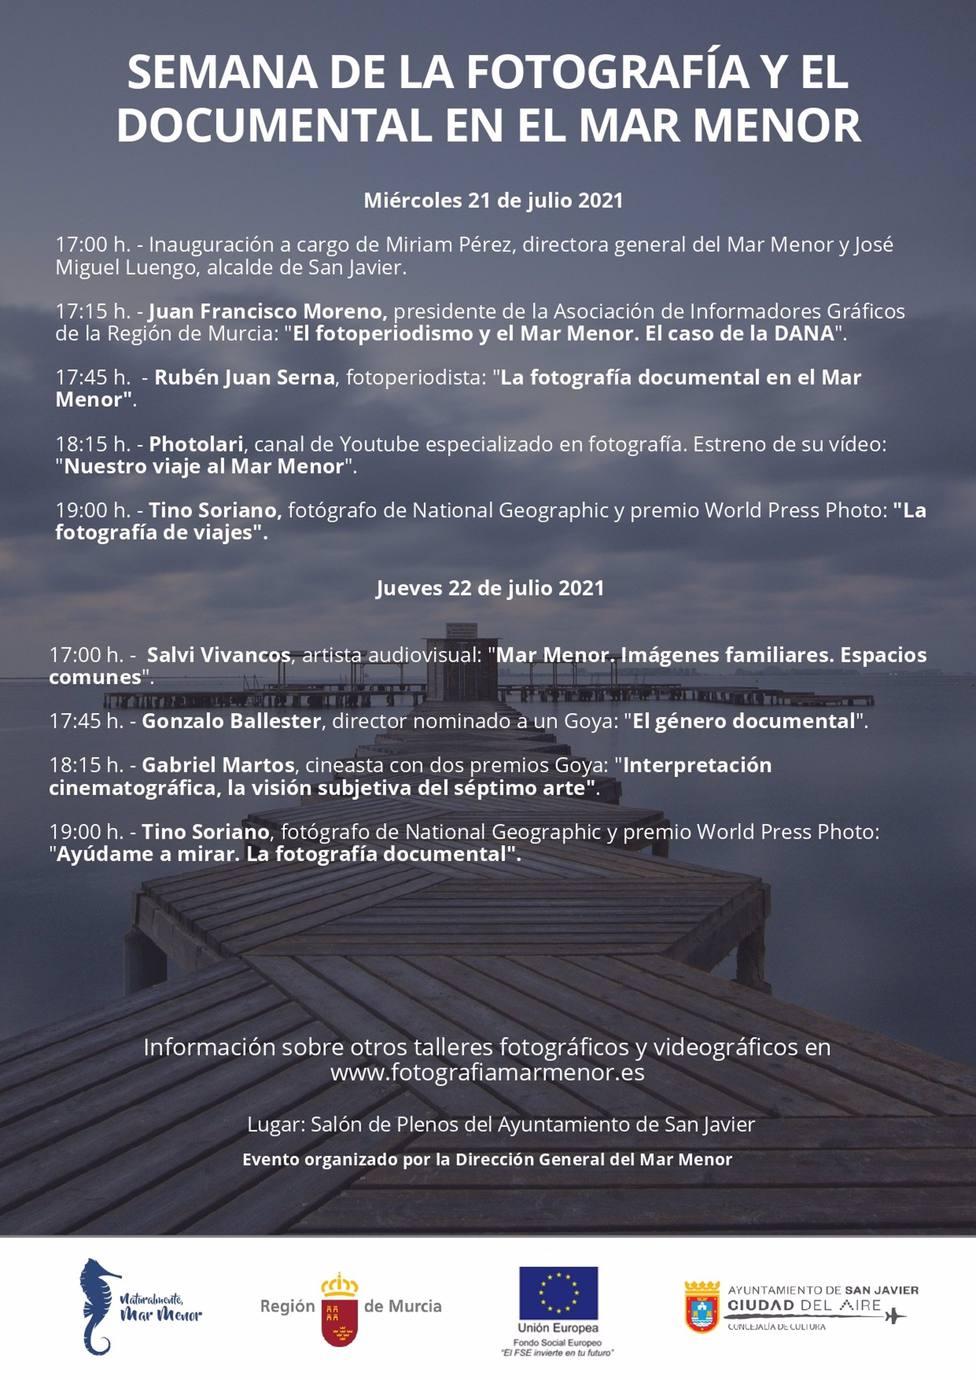 La Semana de la Fotografía y el Documental en el Mar Menor que organiza la Comunidad se celebra en San Javier